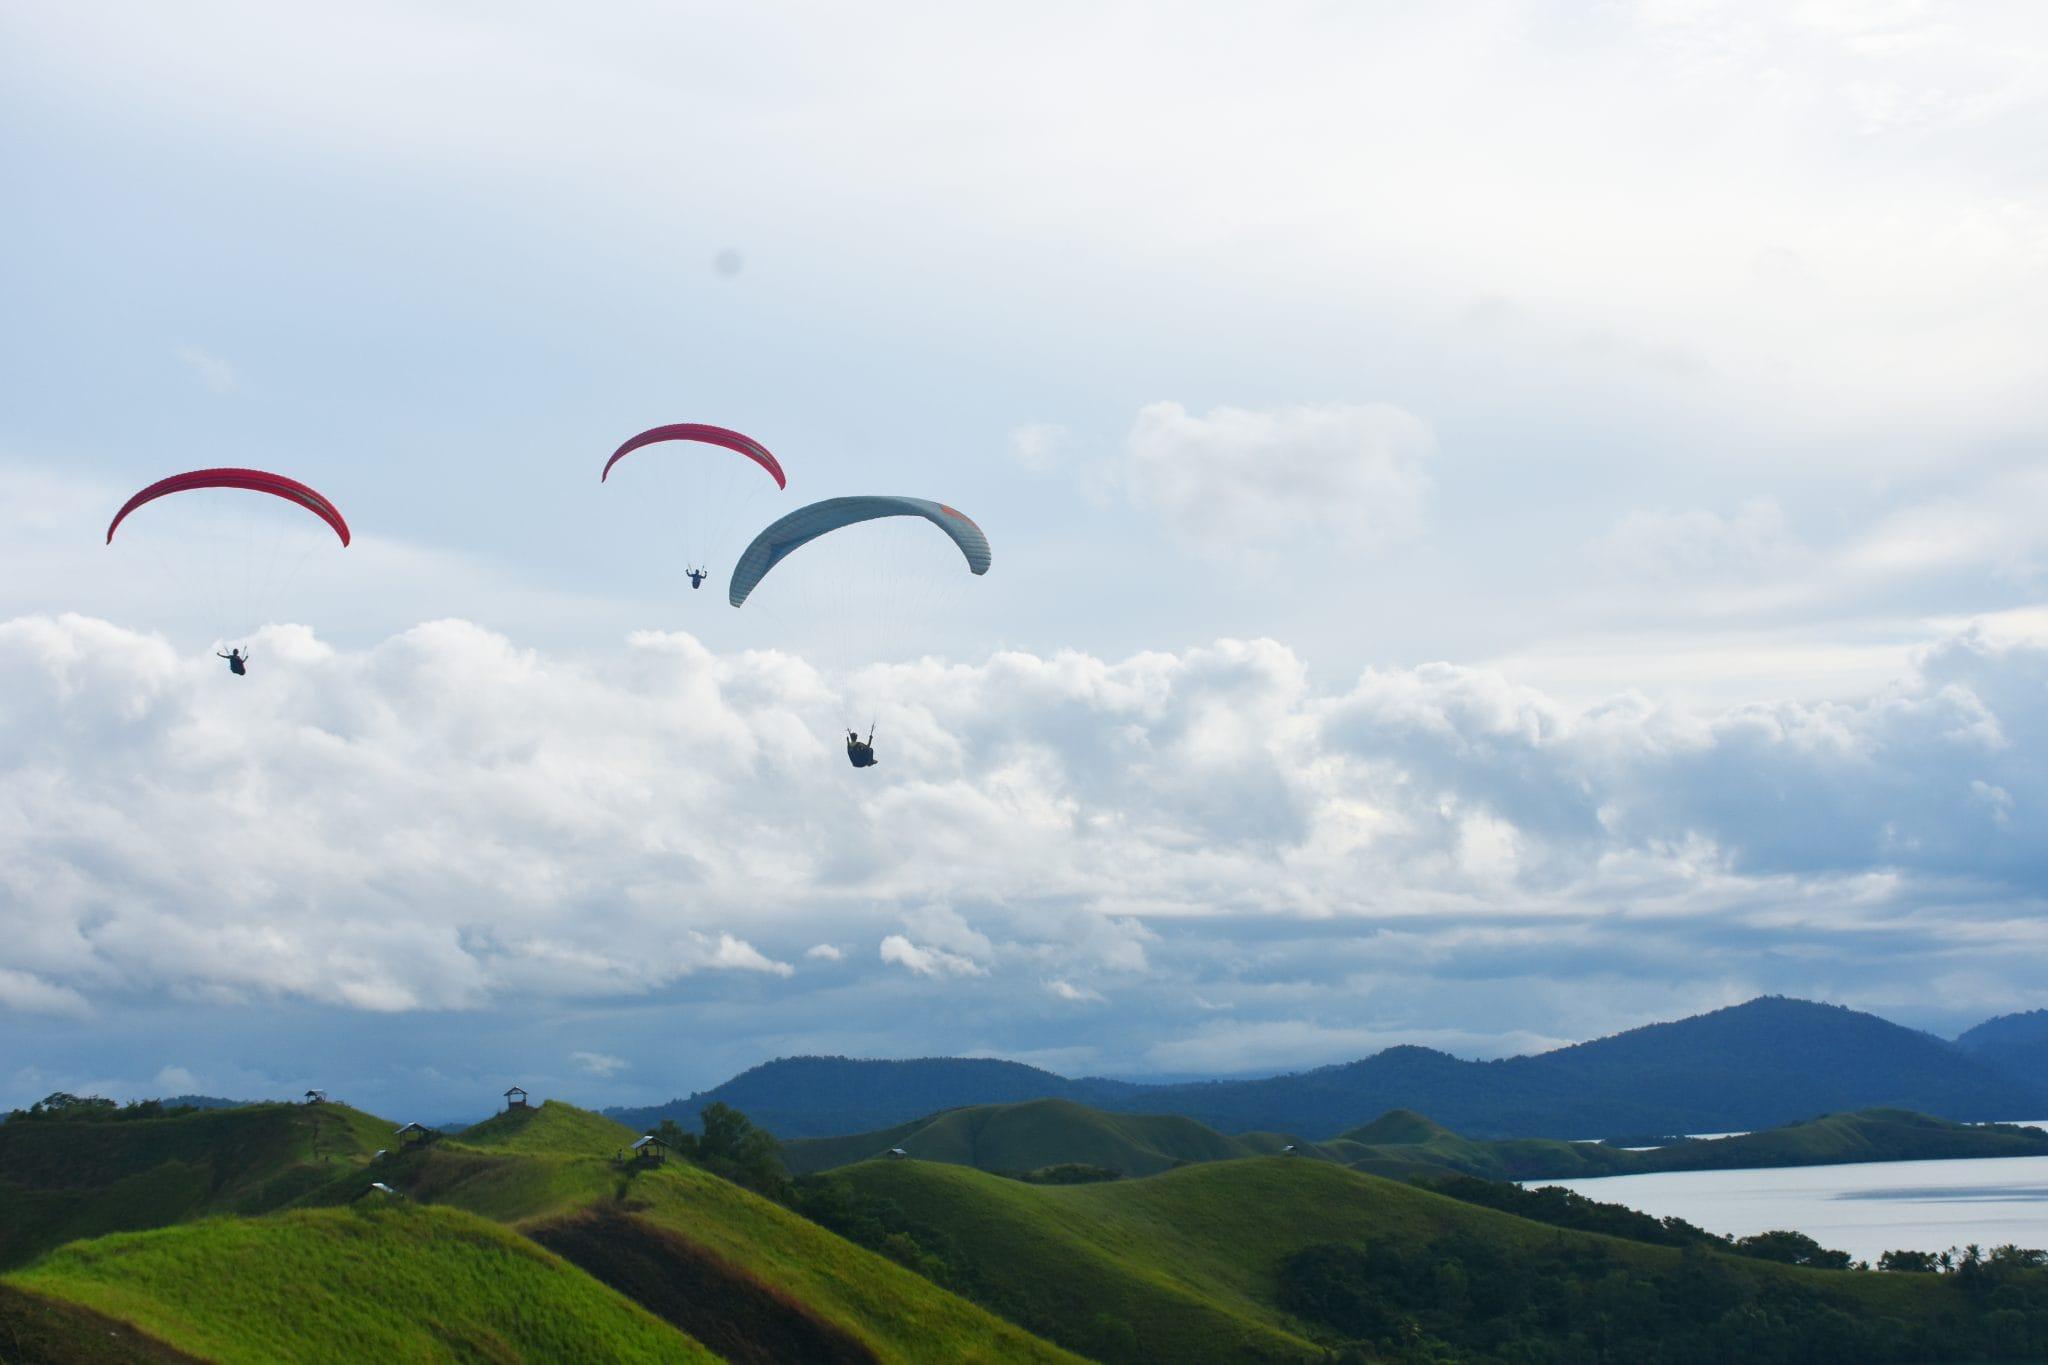 Latihan Paralayang di Jayapura